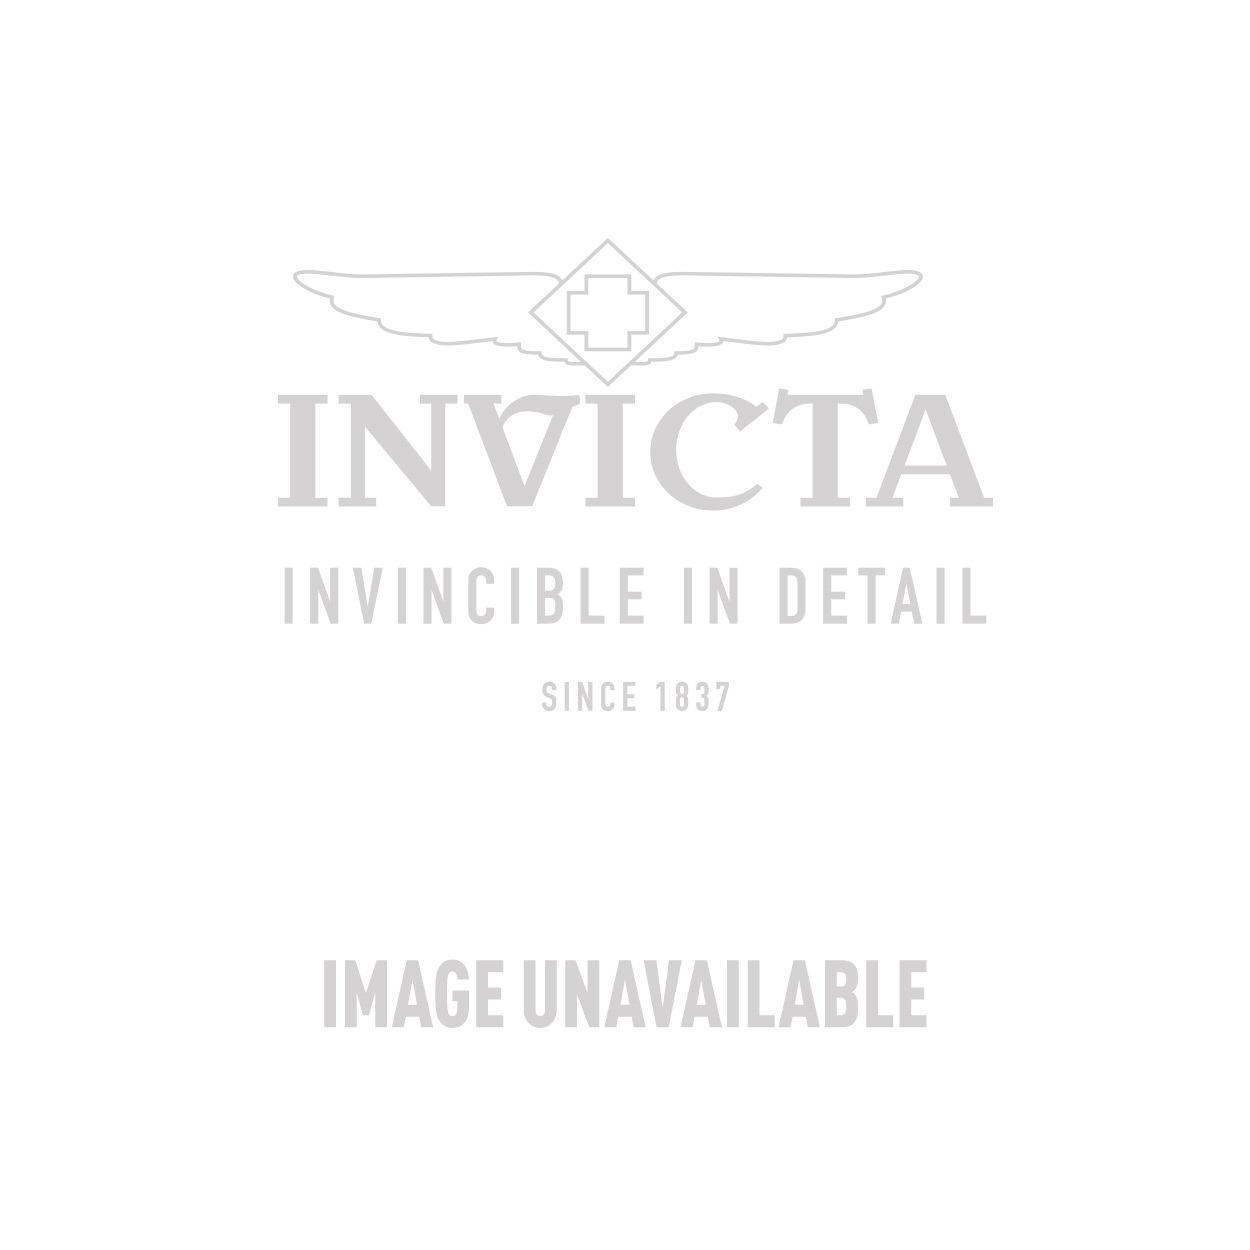 Invicta Model 27775